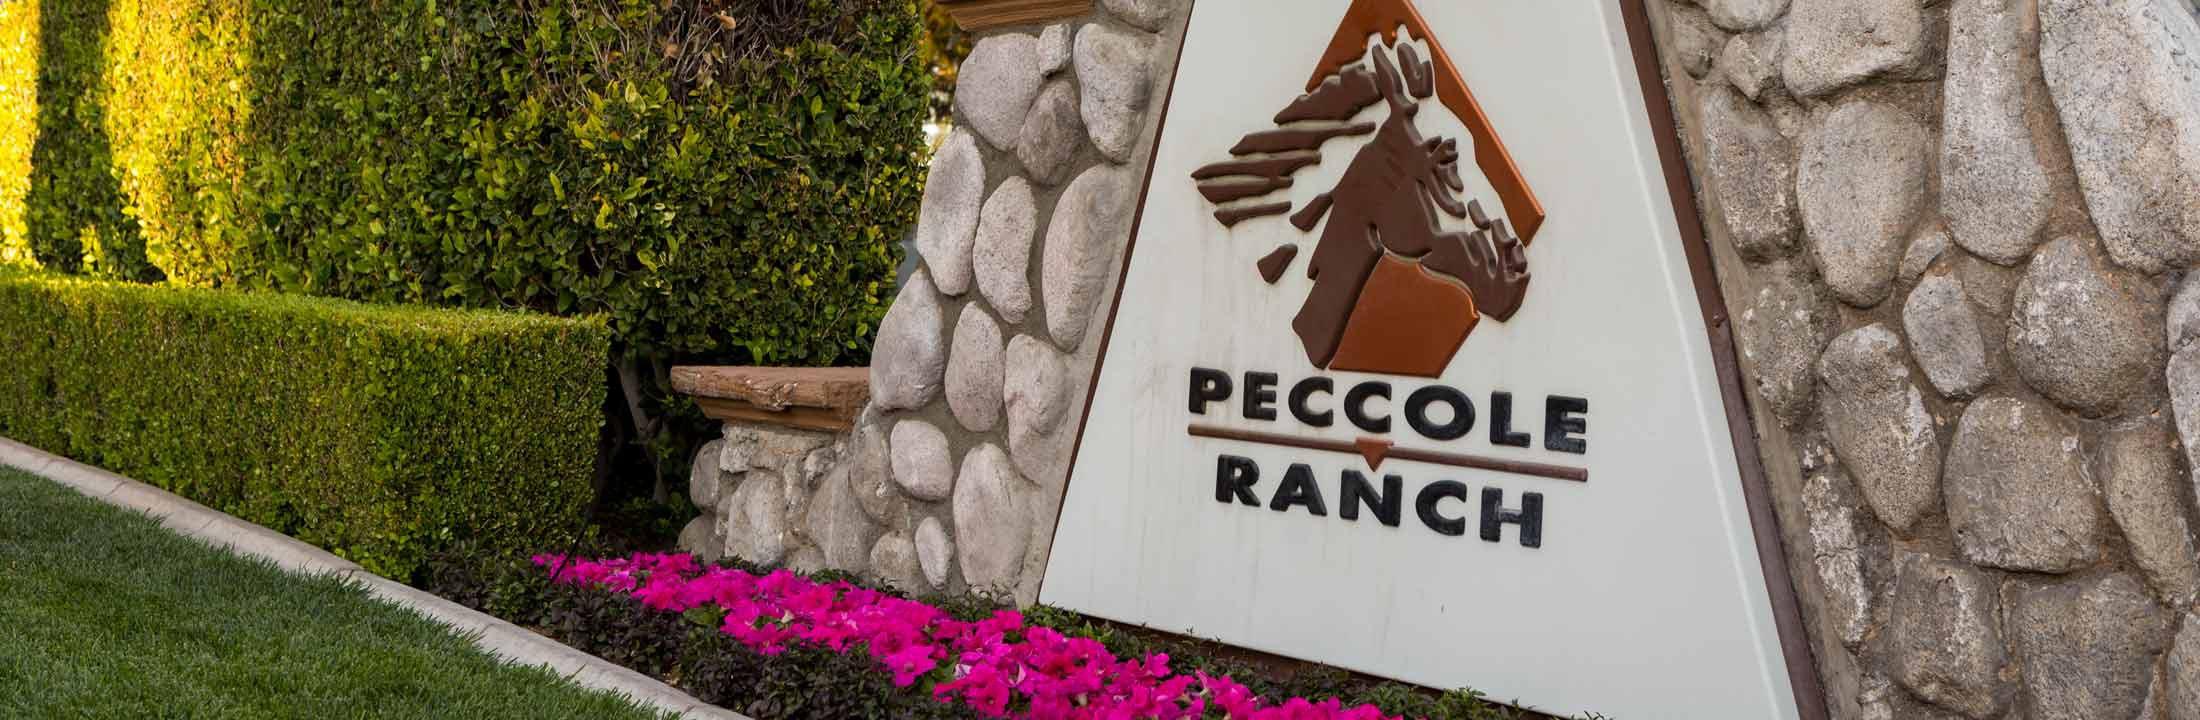 peccole-ranch-homes-for-sale-las-vegas